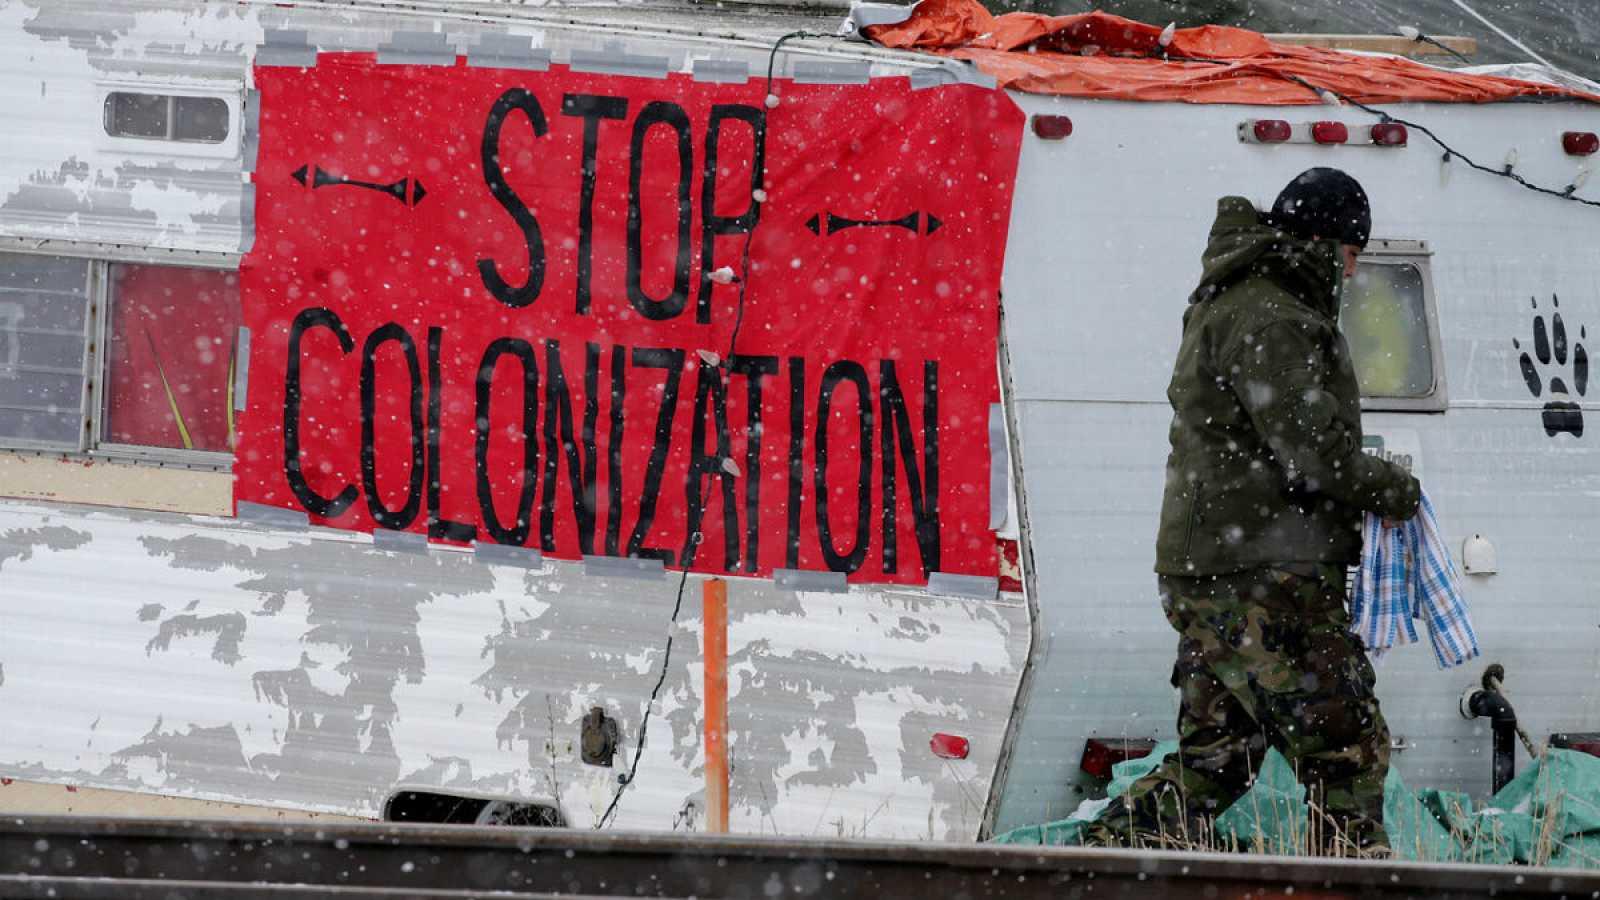 La tribu de los wet'suwet'en y sus partidarios llevan semanas bloqueando el acceso de trabajadores que tienen que participar en la construcción del gasoducto Coastal GasLink.